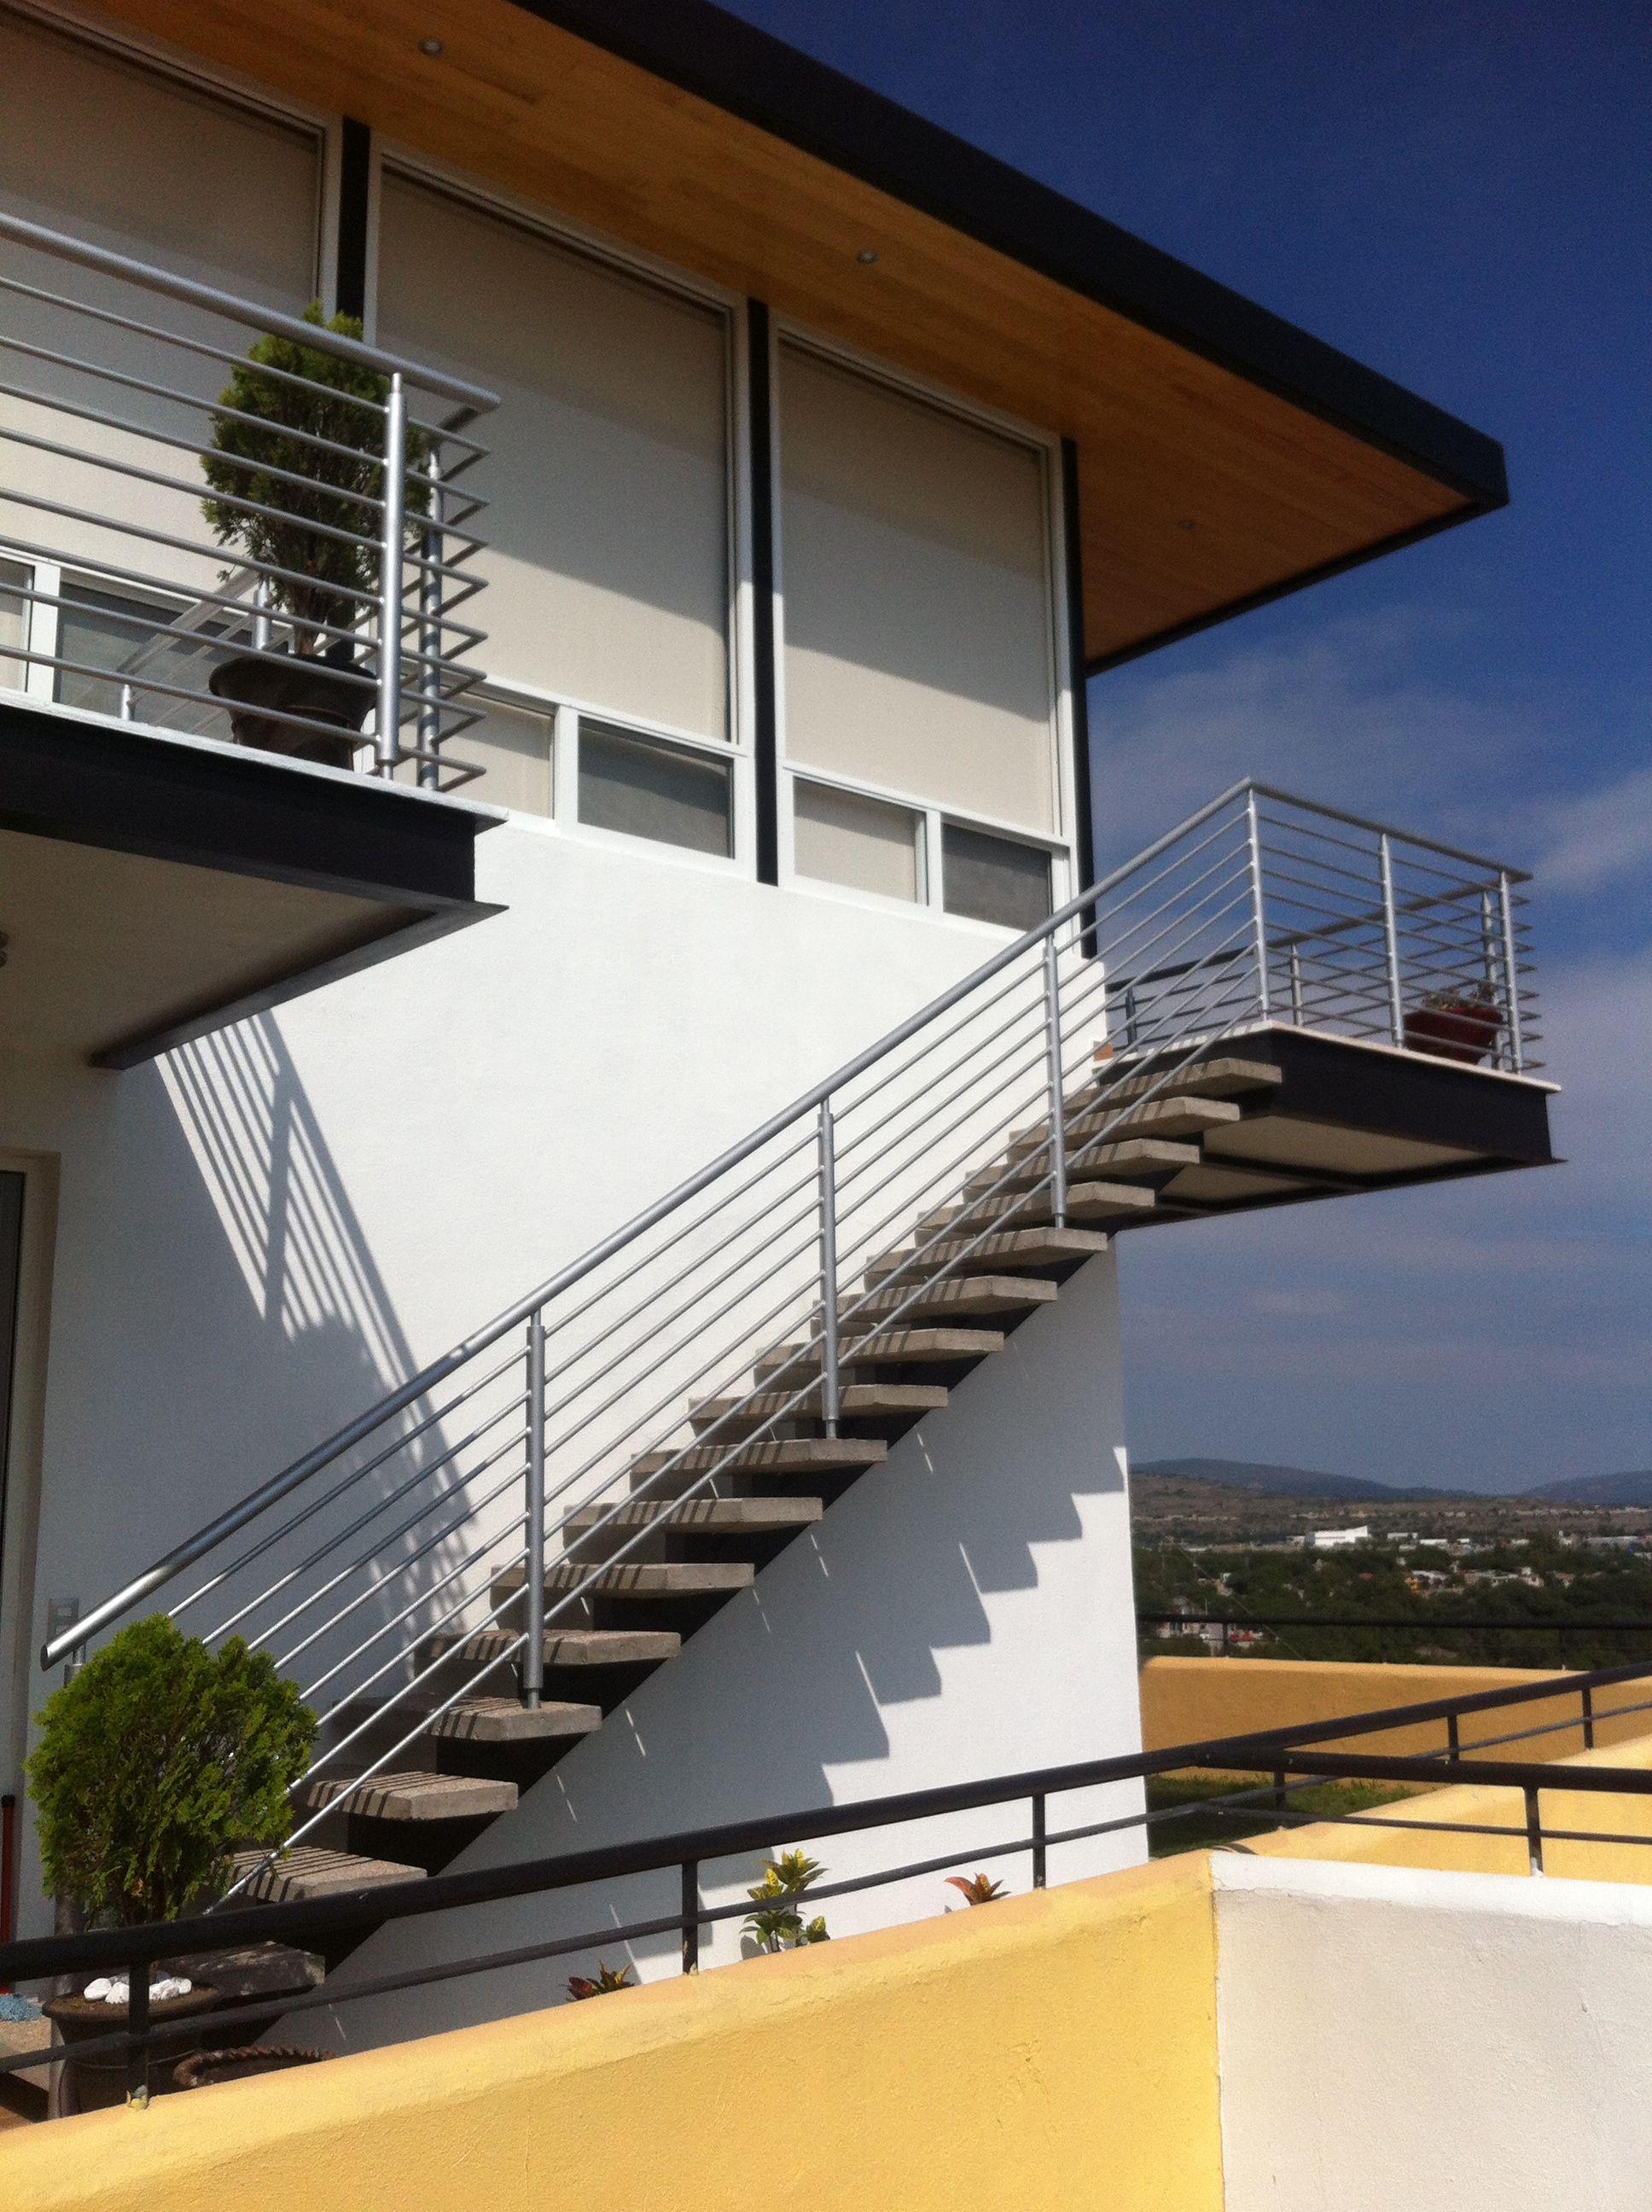 Arquitectura Casas Escaleras Exteriores Arquitectura: Escalera Exterior Con Peldaños De Concreto Deslavado, Esqueleto Armado De Varilla Y Lámina